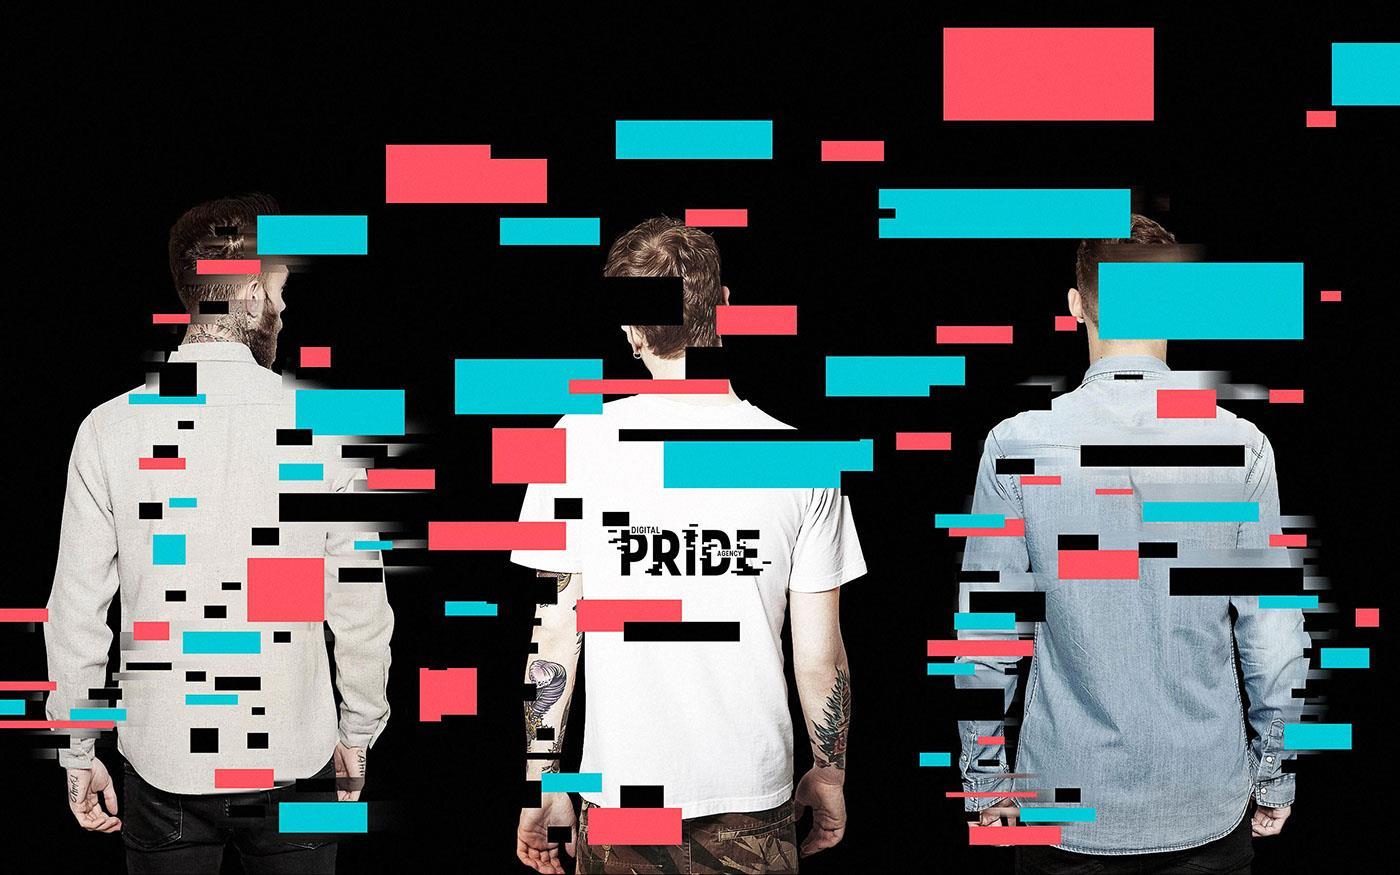 互联网营销企业pride品牌形象设计